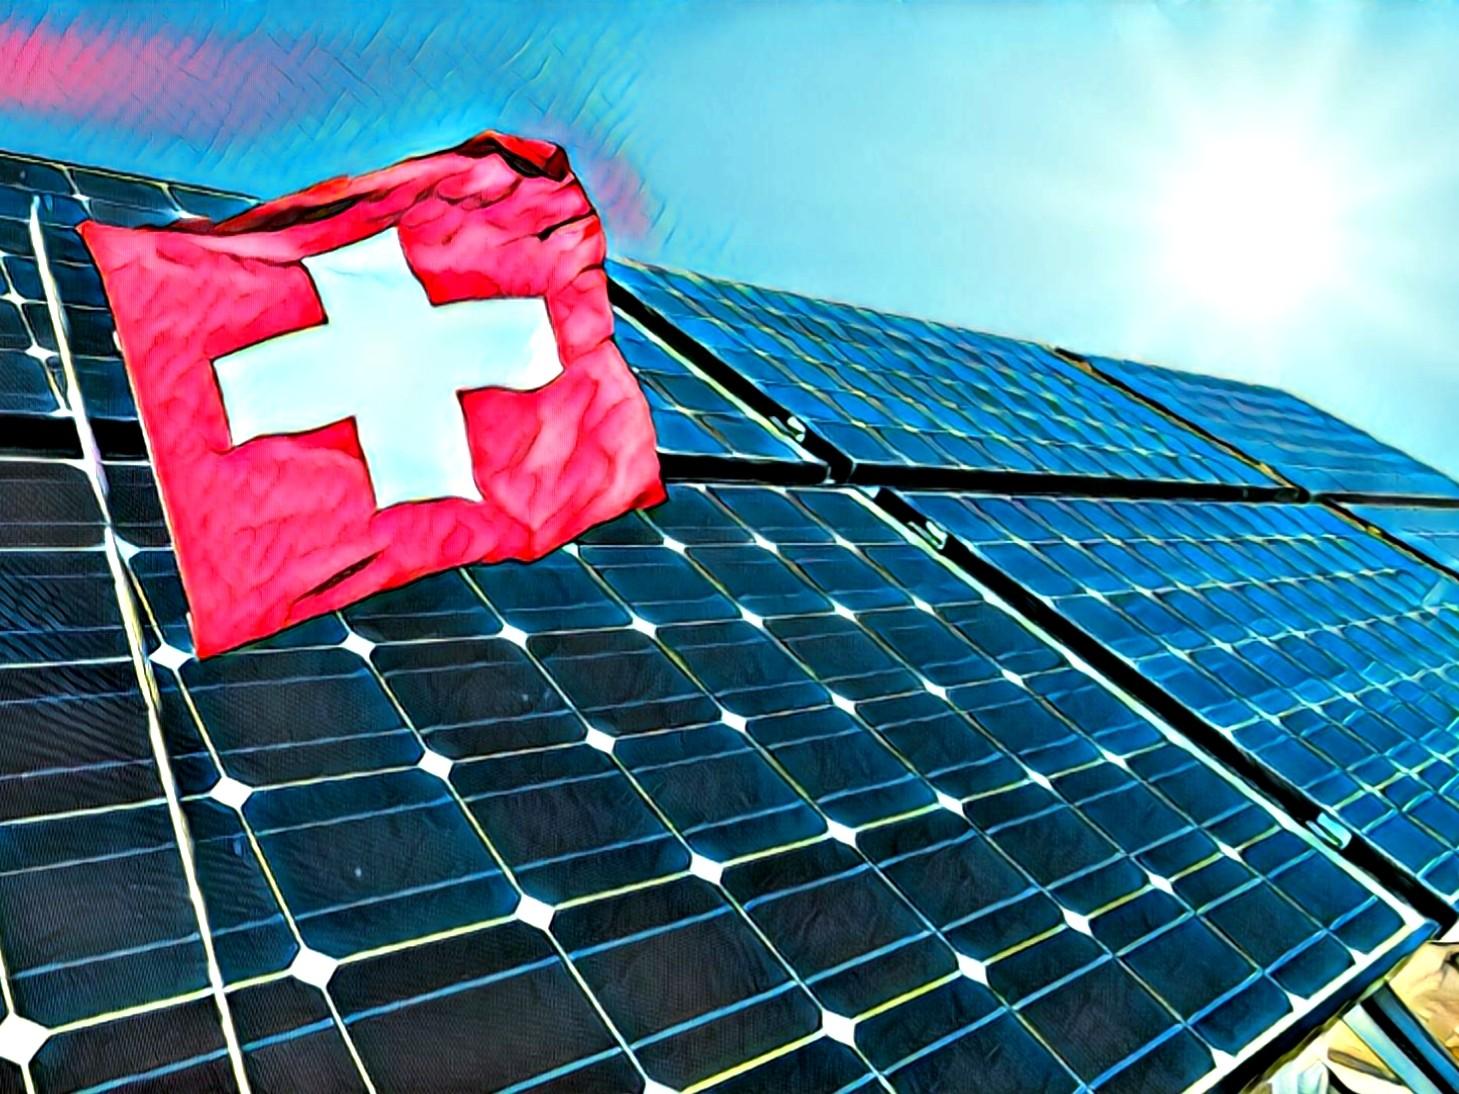 una citta in svizzera usa blockchain per scambiare energia solare tra invest in blockchain - La città Svizzera di San Gallo usa la Blockchain per scambiare energia solare